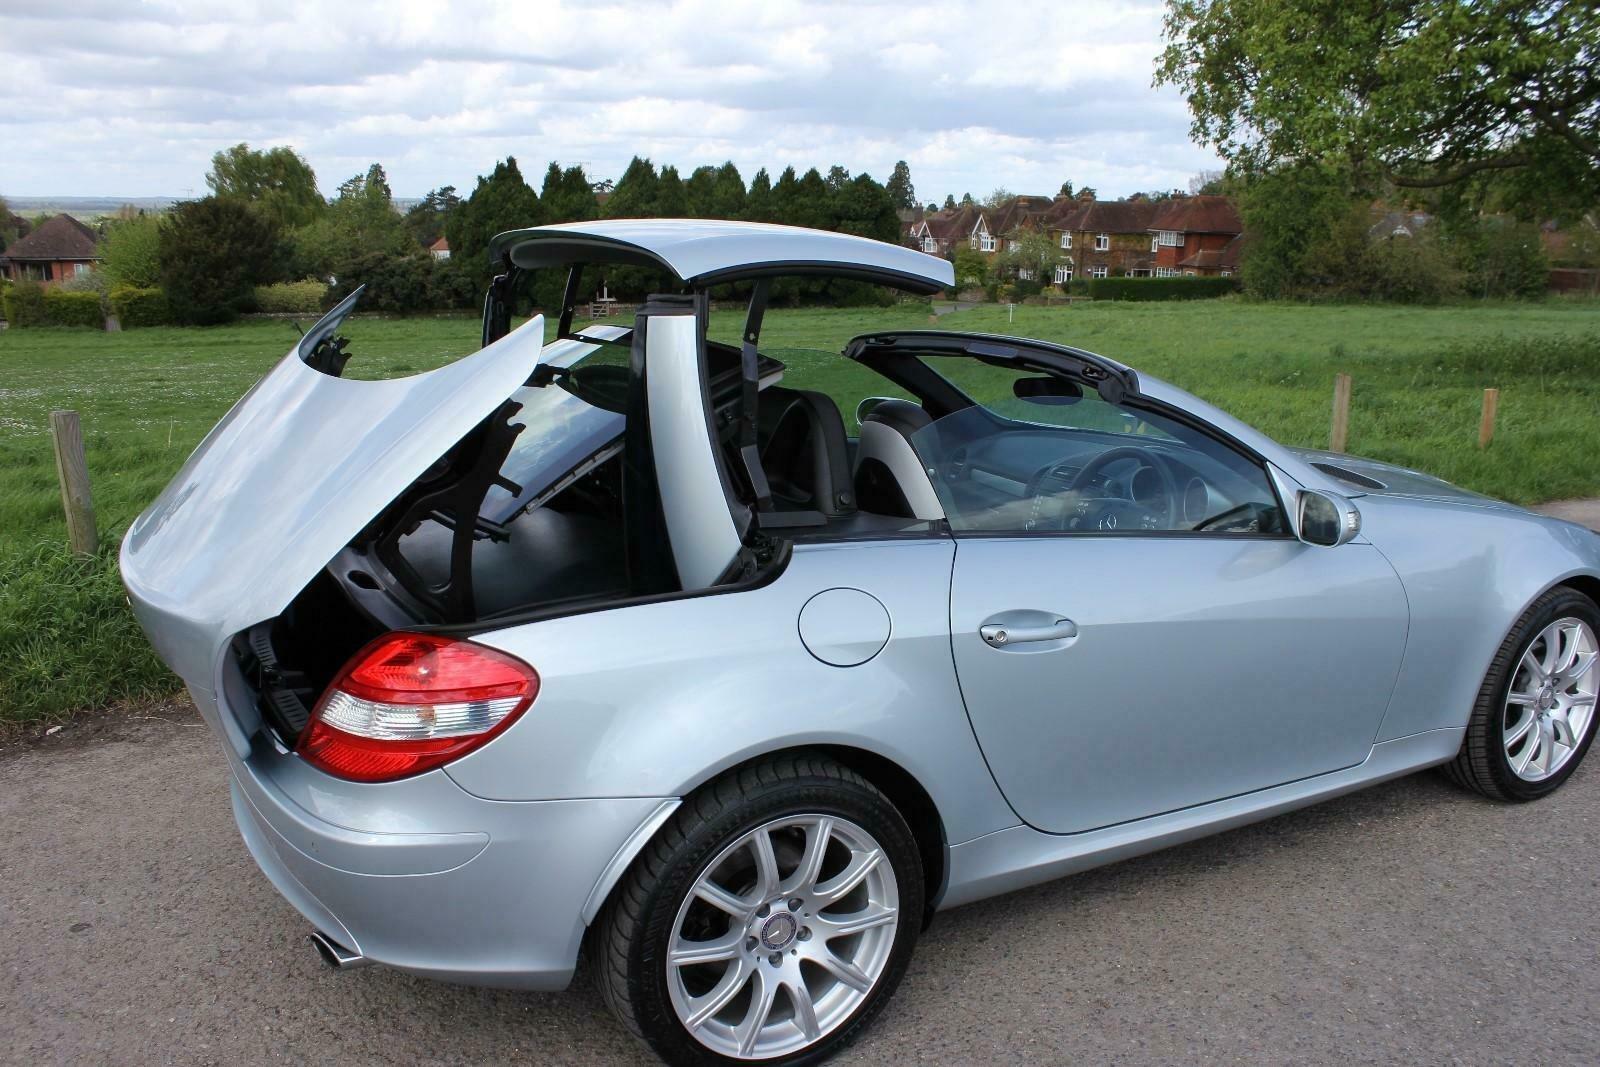 2008 Mercedes-Benz SLK 3.0 SLK280 7G-Tronic 2dr Convertible For Sale (picture 5 of 12)